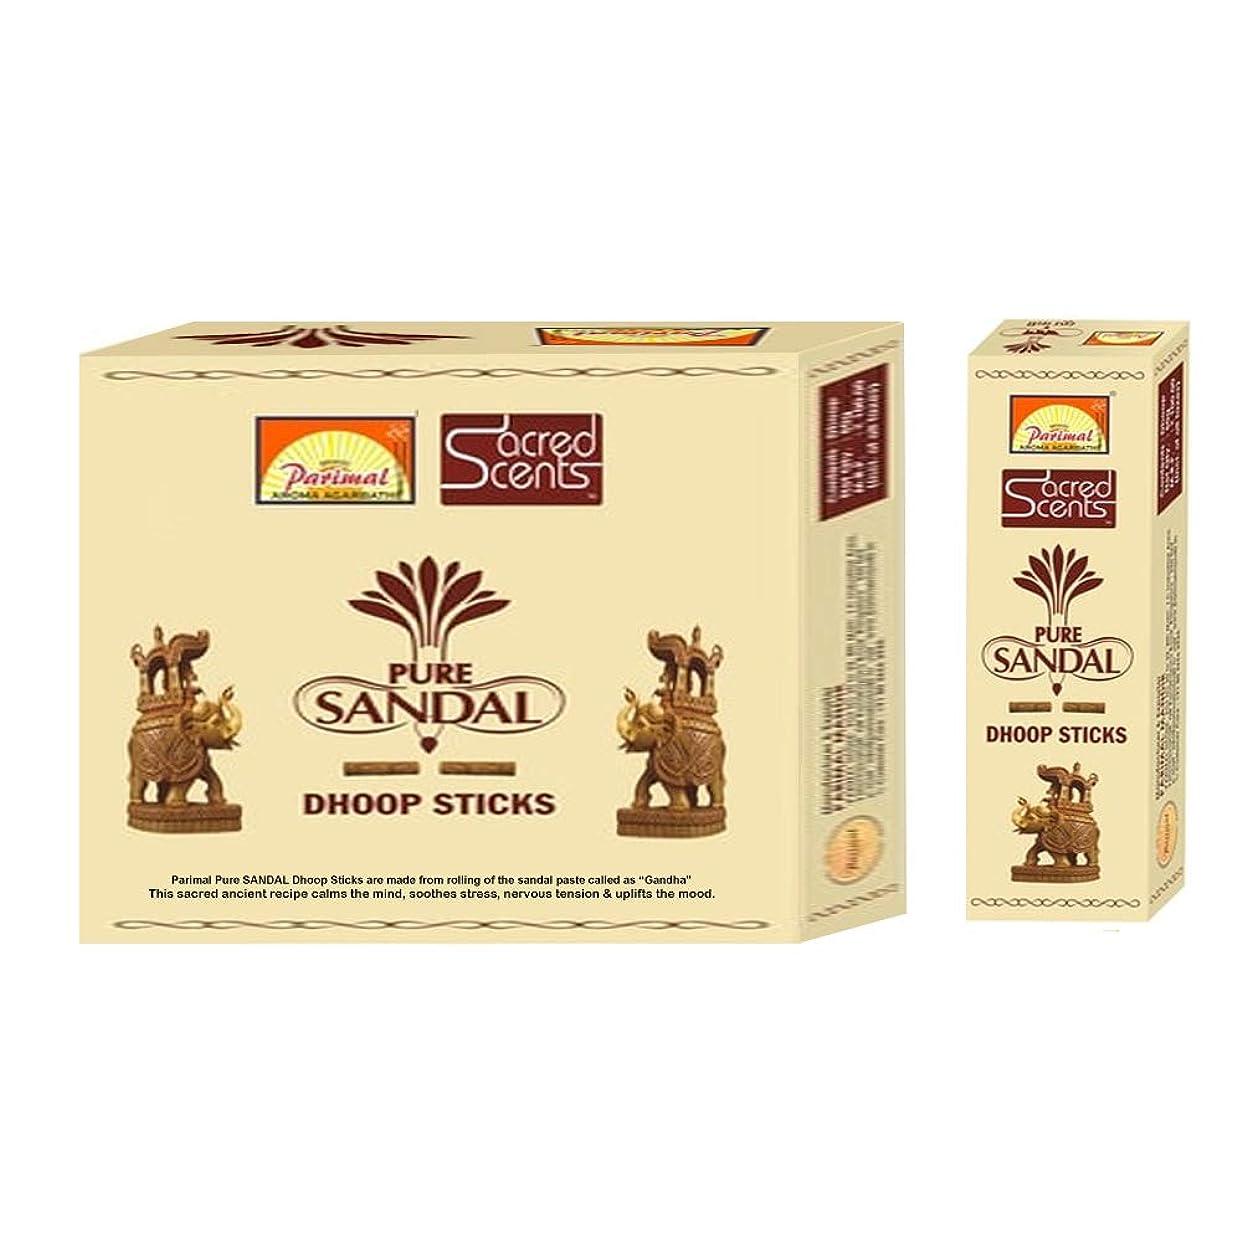 極貧より良いParimal Sacred Scents 天然ピュアサンダル フープスティック | 1箱50グラム6パック | 輸出品質